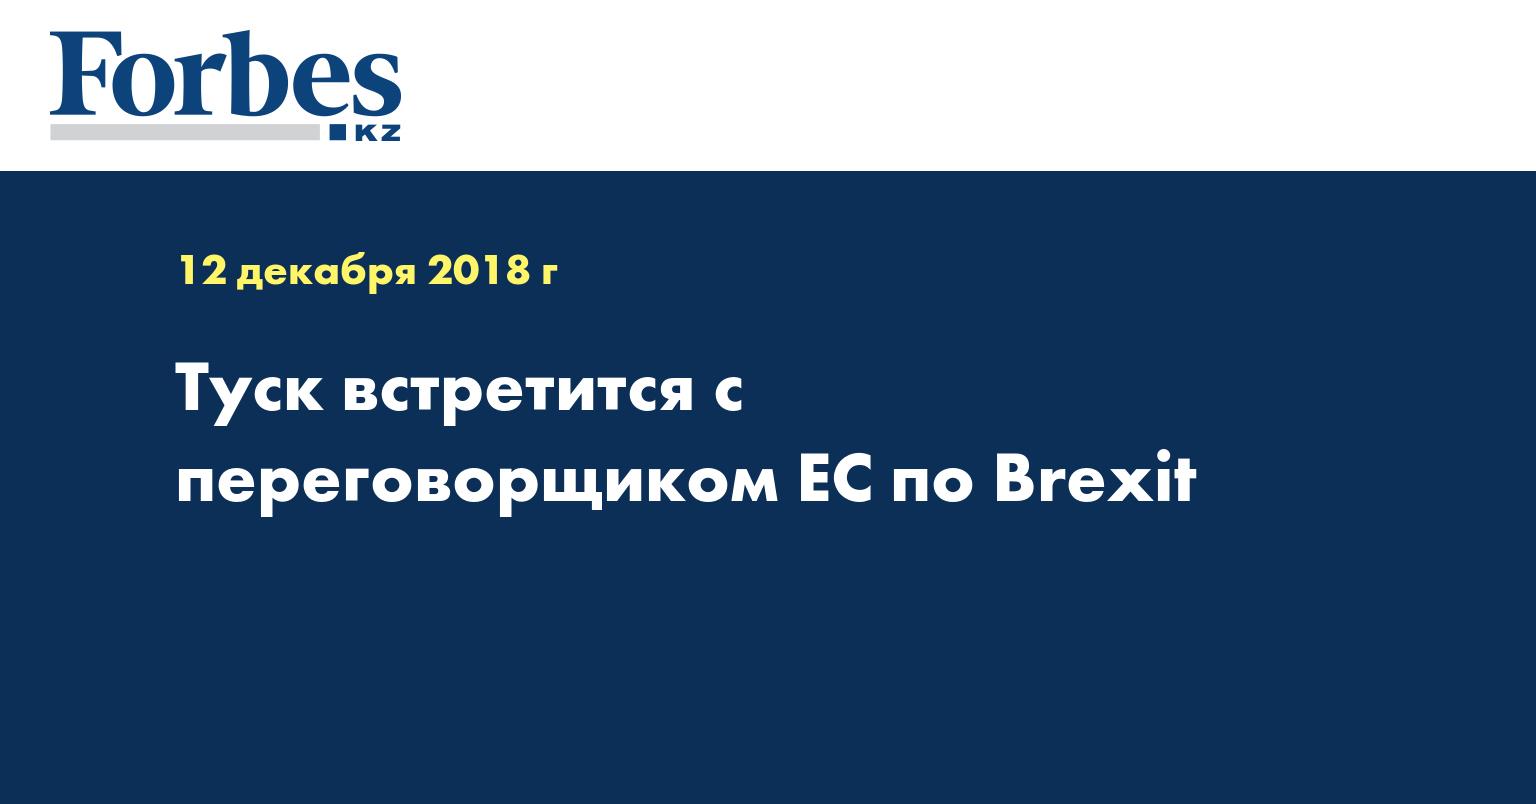 Туск встретится с переговорщиком ЕС по Brexit